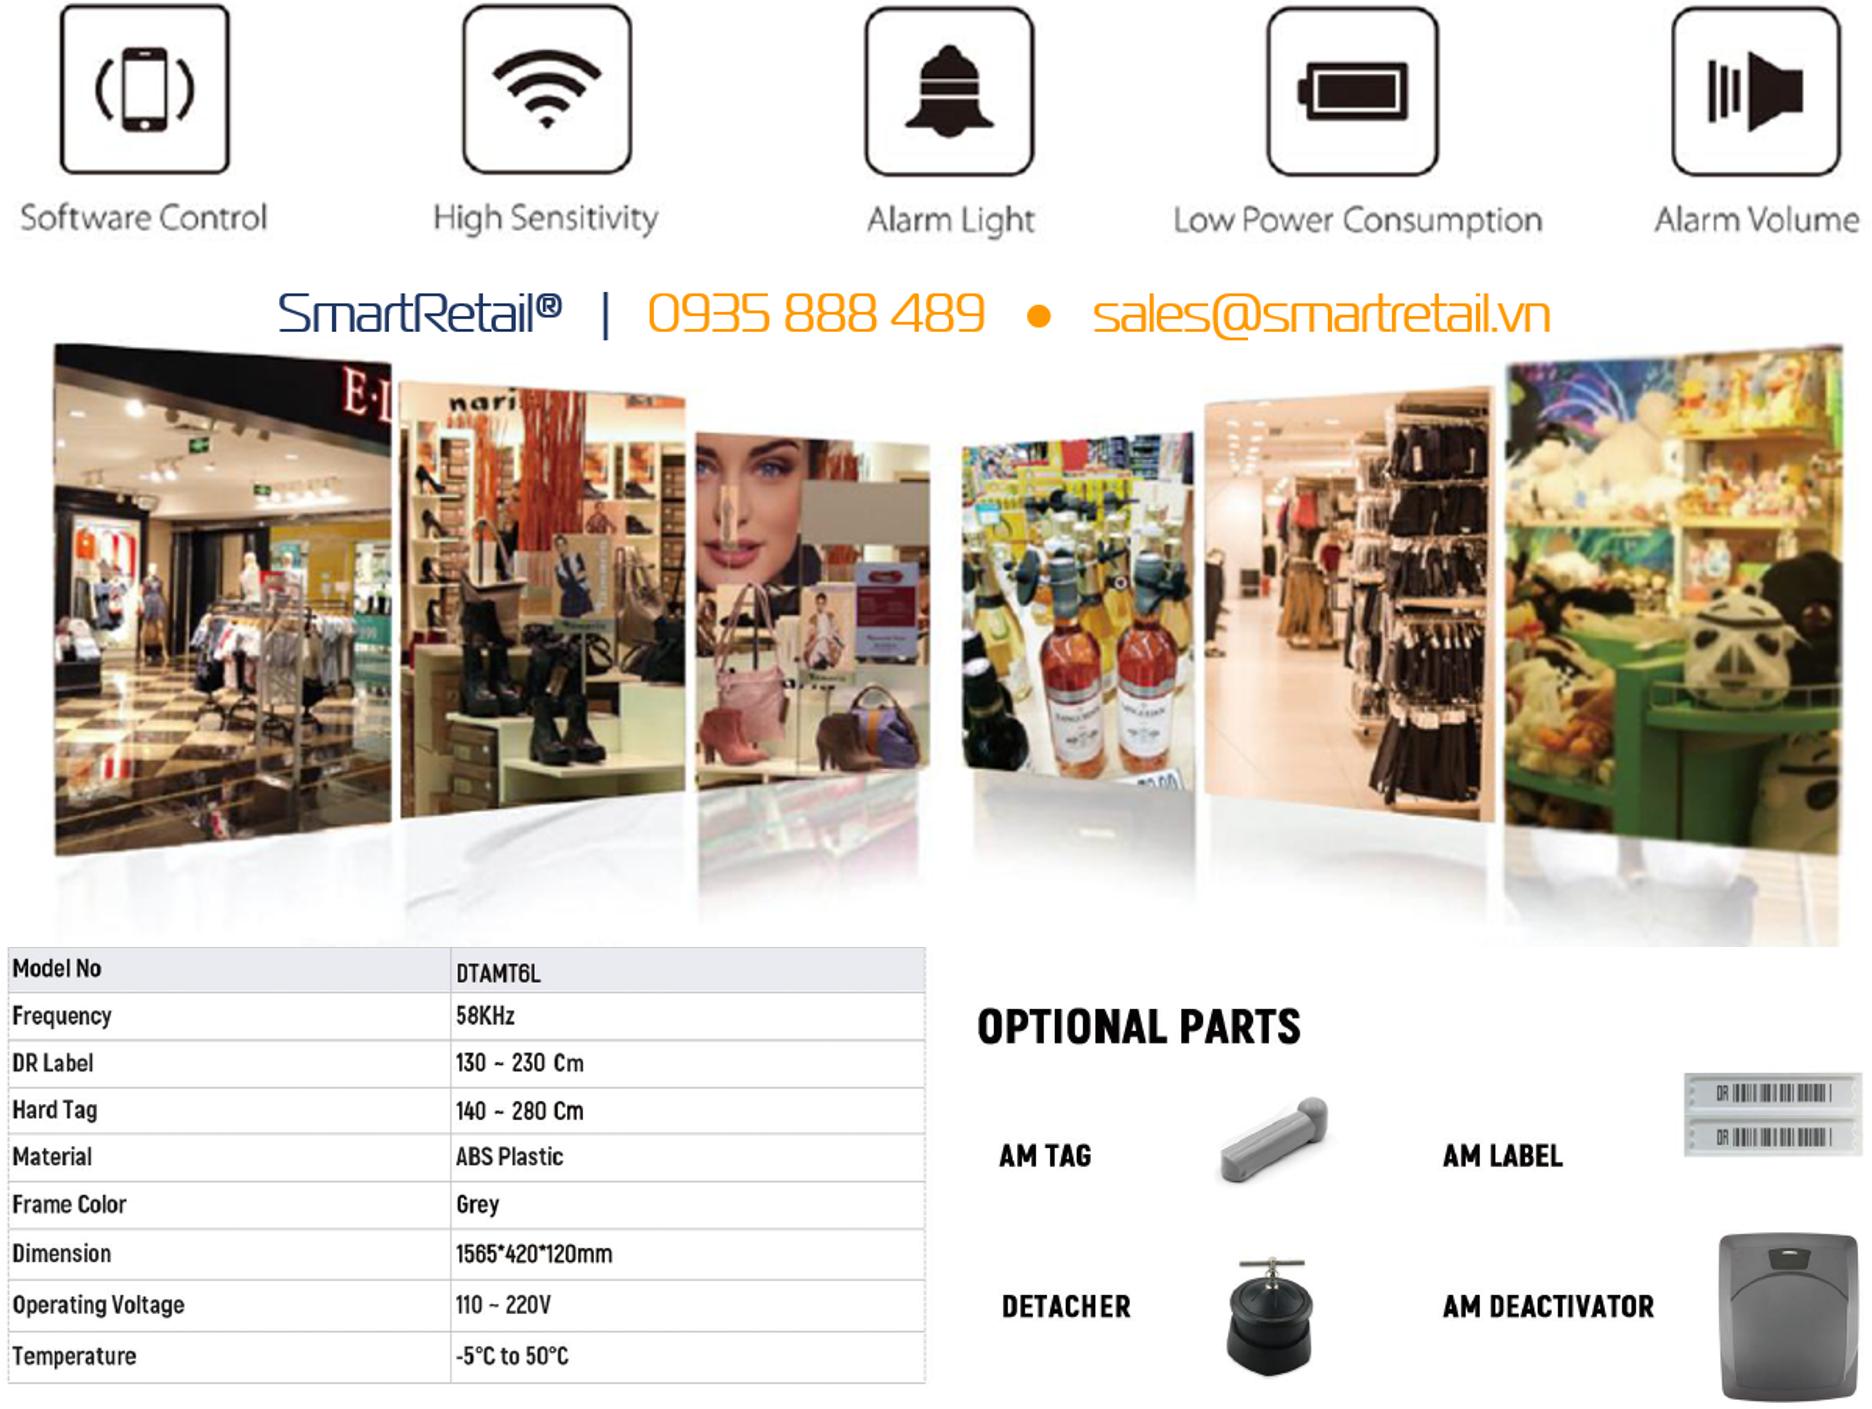 SmartRetail - Hệ thống cổng chống trộm hàng hóa - 0935888489